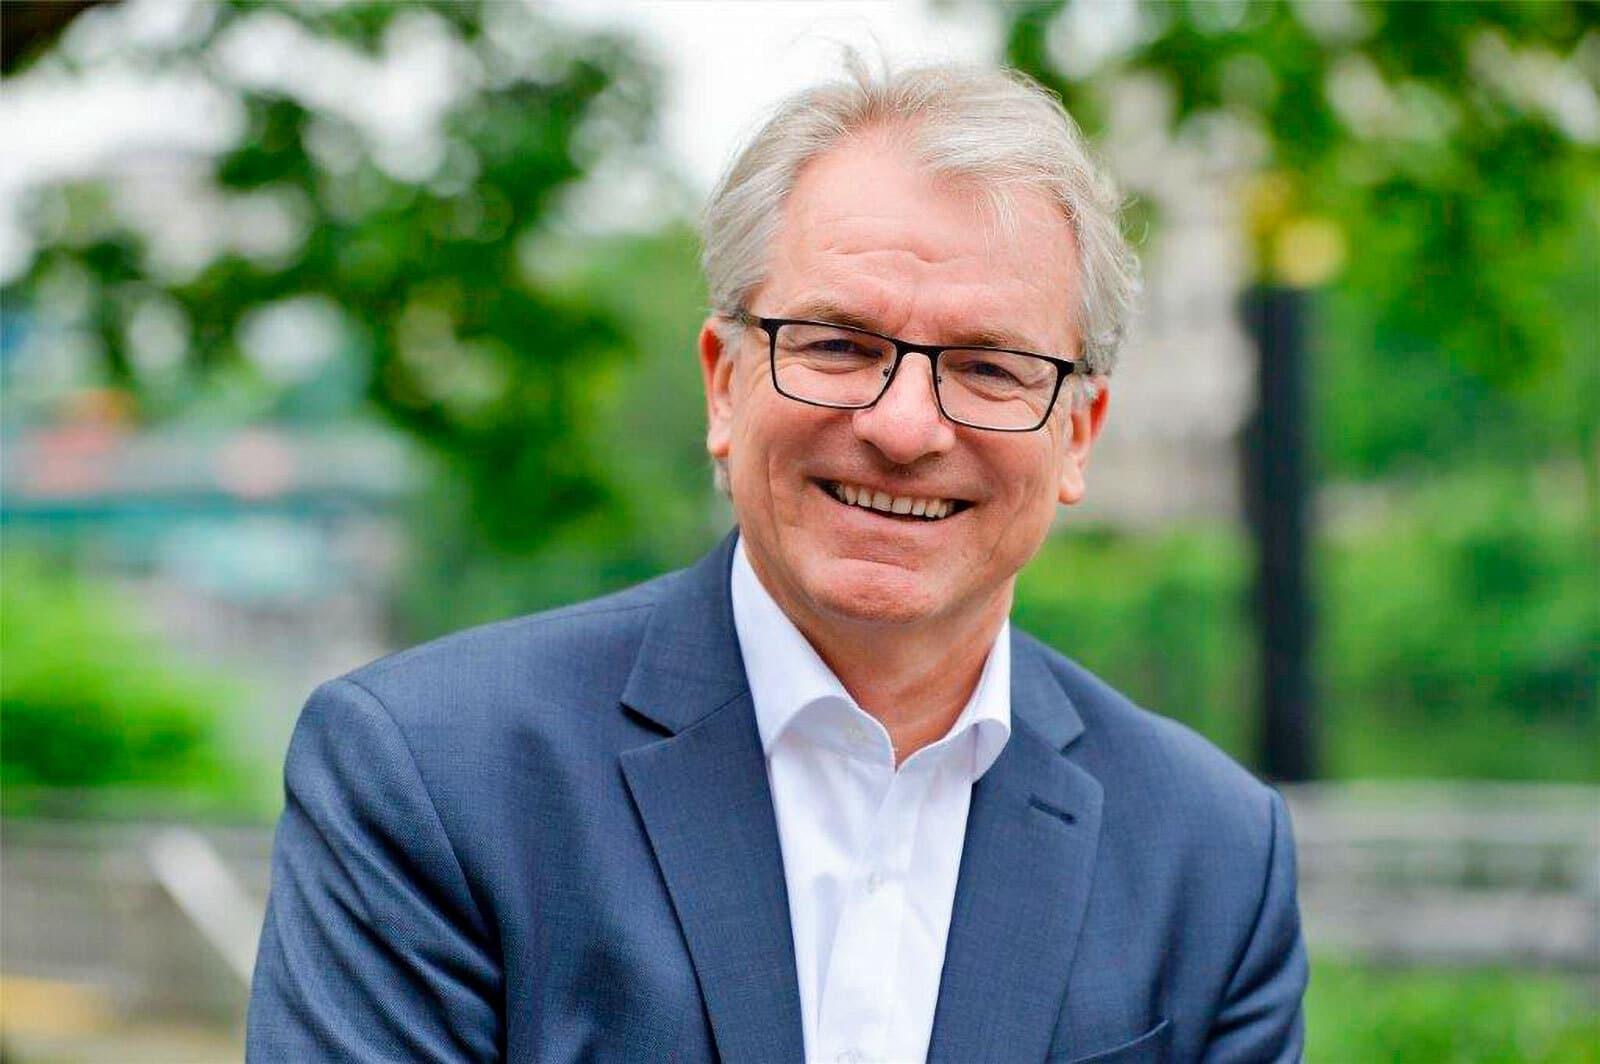 Portrait des Oberbürgermeisters der Stadt Mülheim an der Ruhr, Marc Buchholz, lächelnd